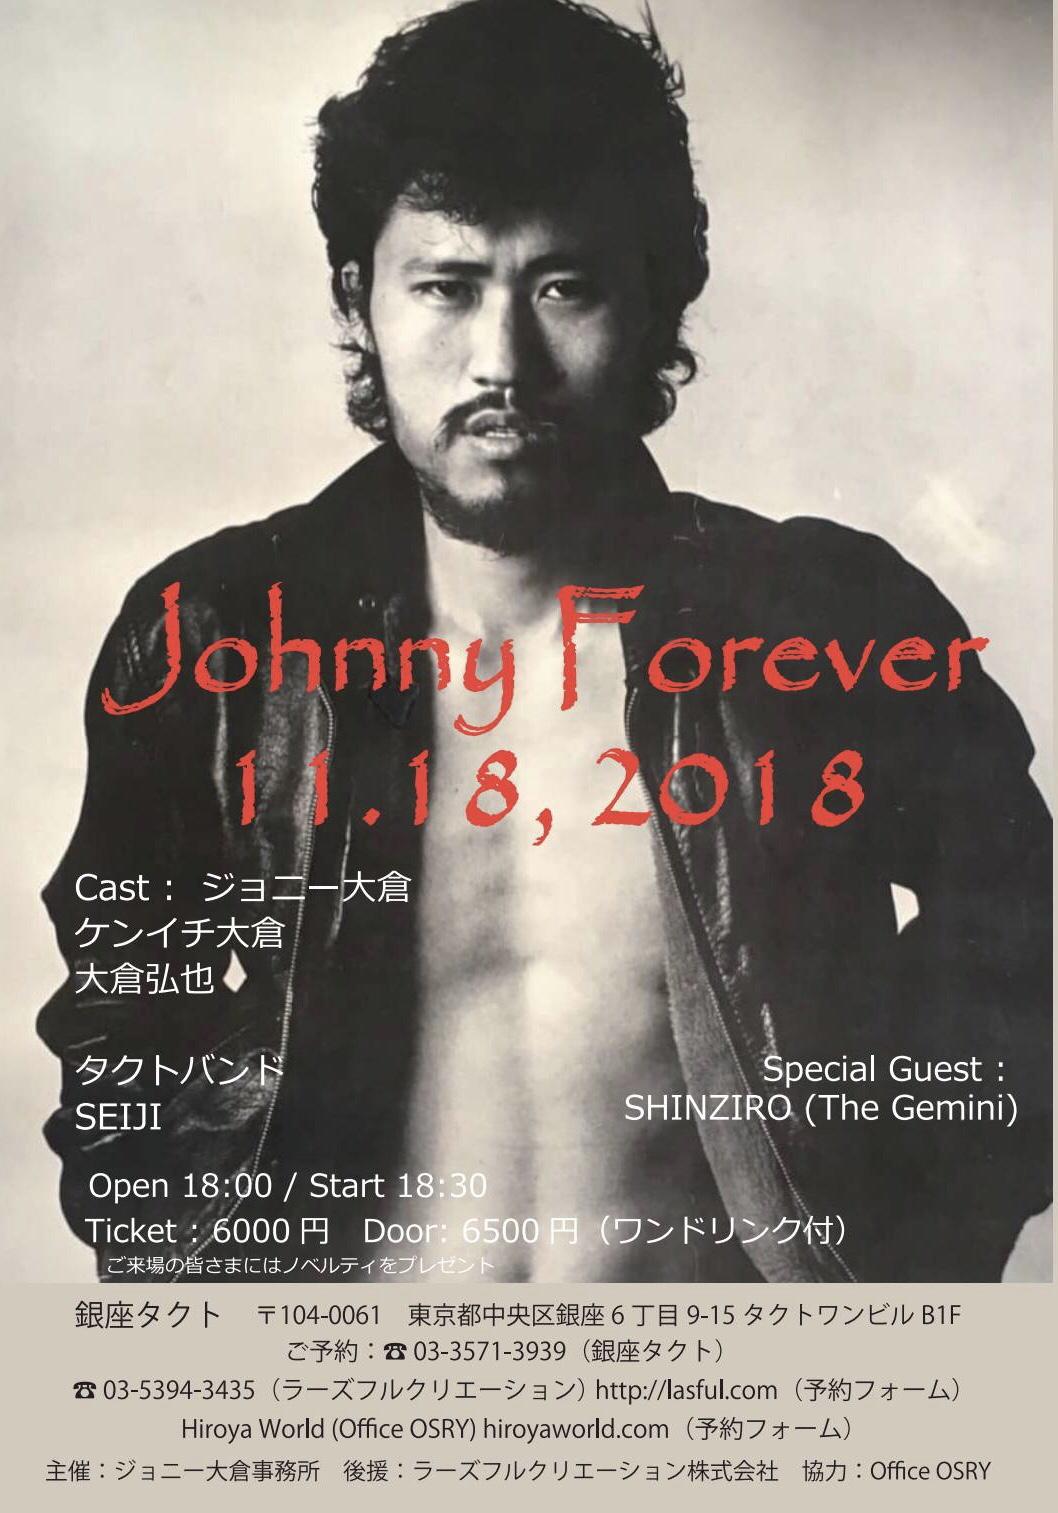 Johnny Forever 2018